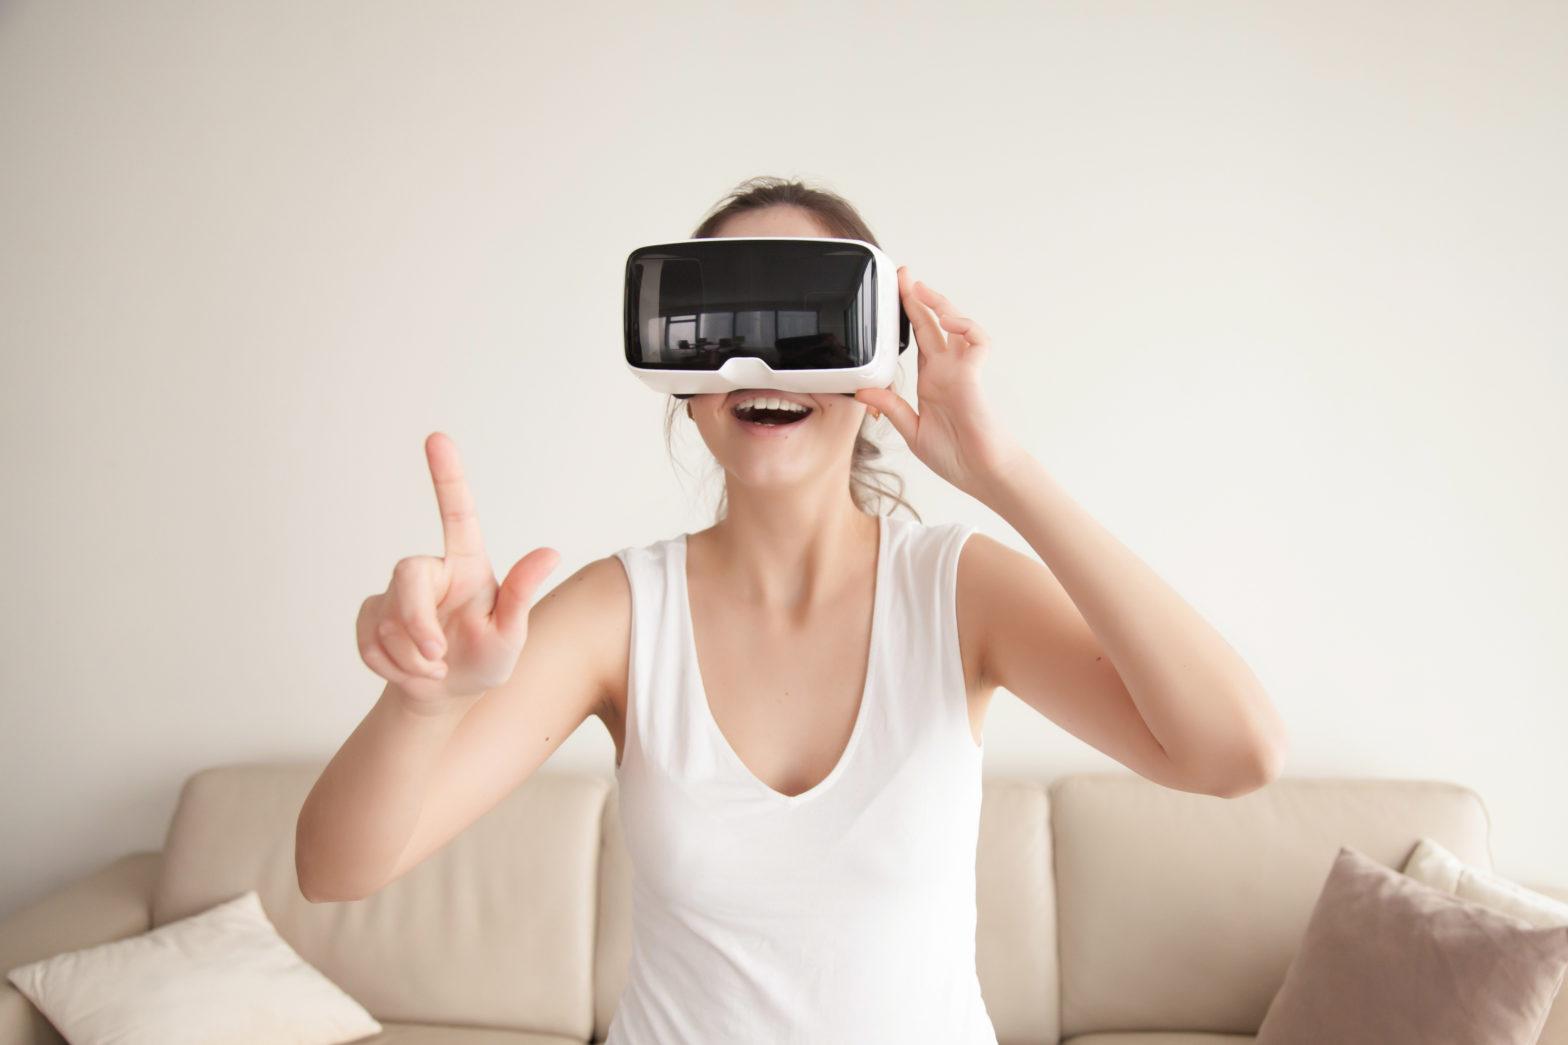 Le blog réalité augmentée Art Graphique & Patrimoine expose une sélection d'œuvres numérisées dans son prototype de Musée Virtuel